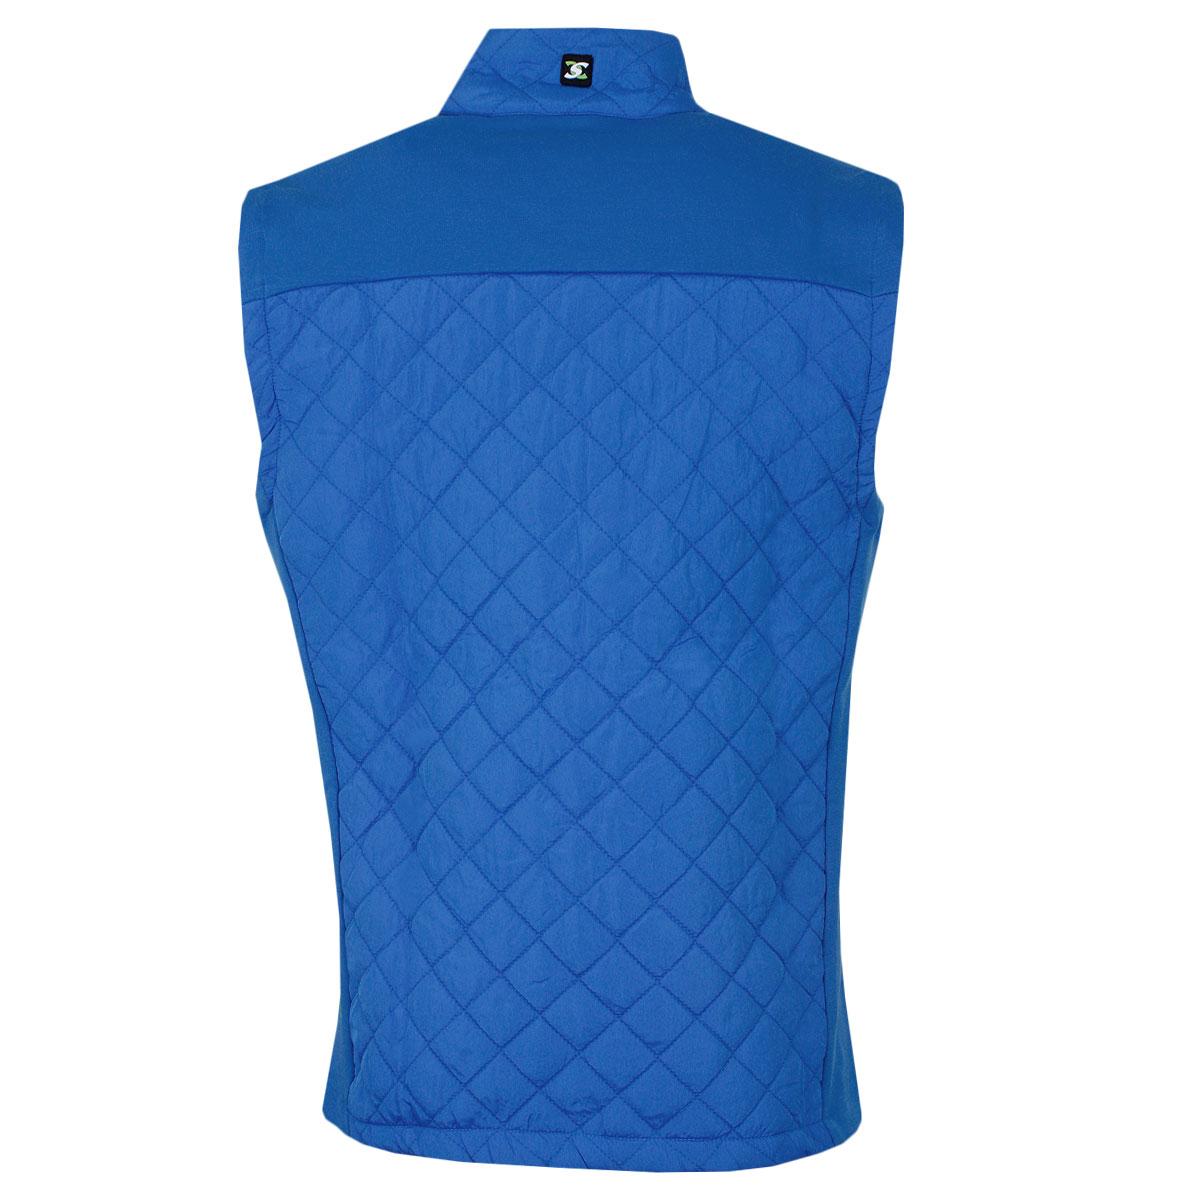 Stuburt-Mens-Endurance-Sport-Full-Zip-Padded-Golf-Gilet-Vest-44-OFF-RRP thumbnail 7